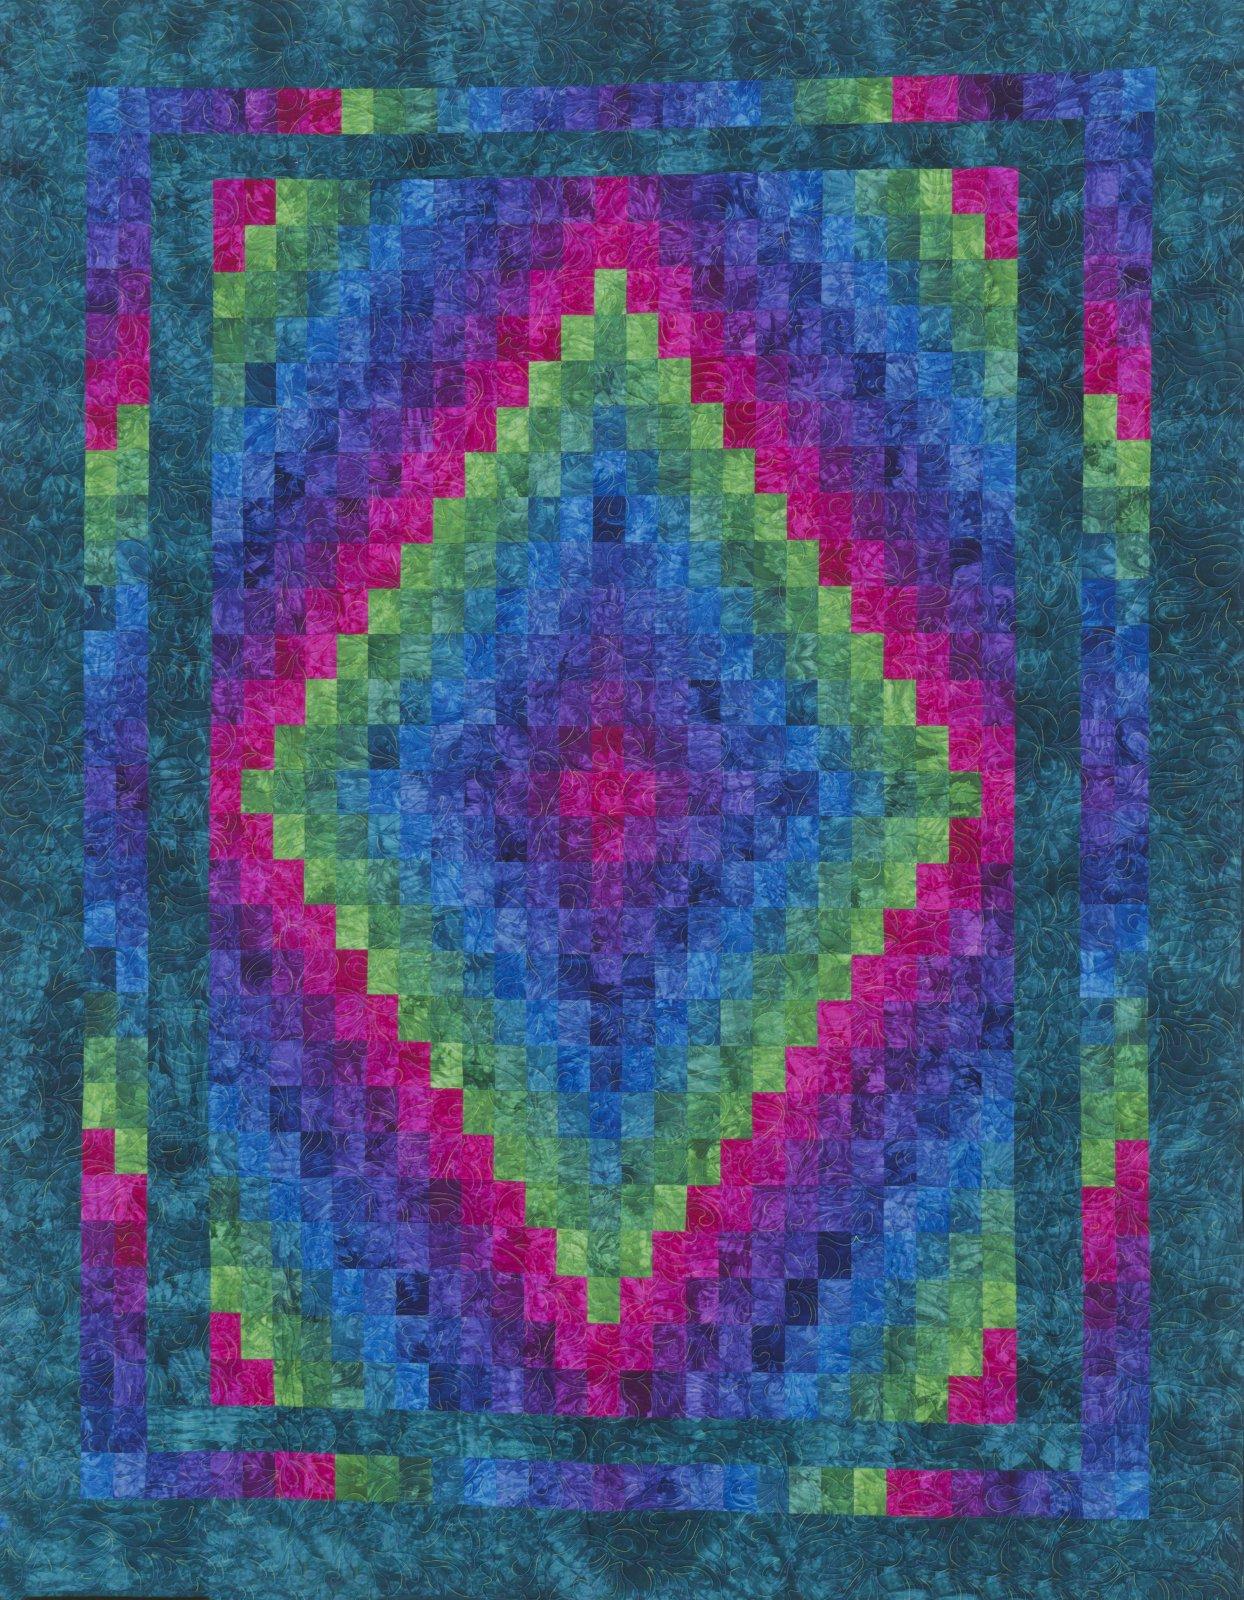 Harmony Quilt Kit - Jewel Tones